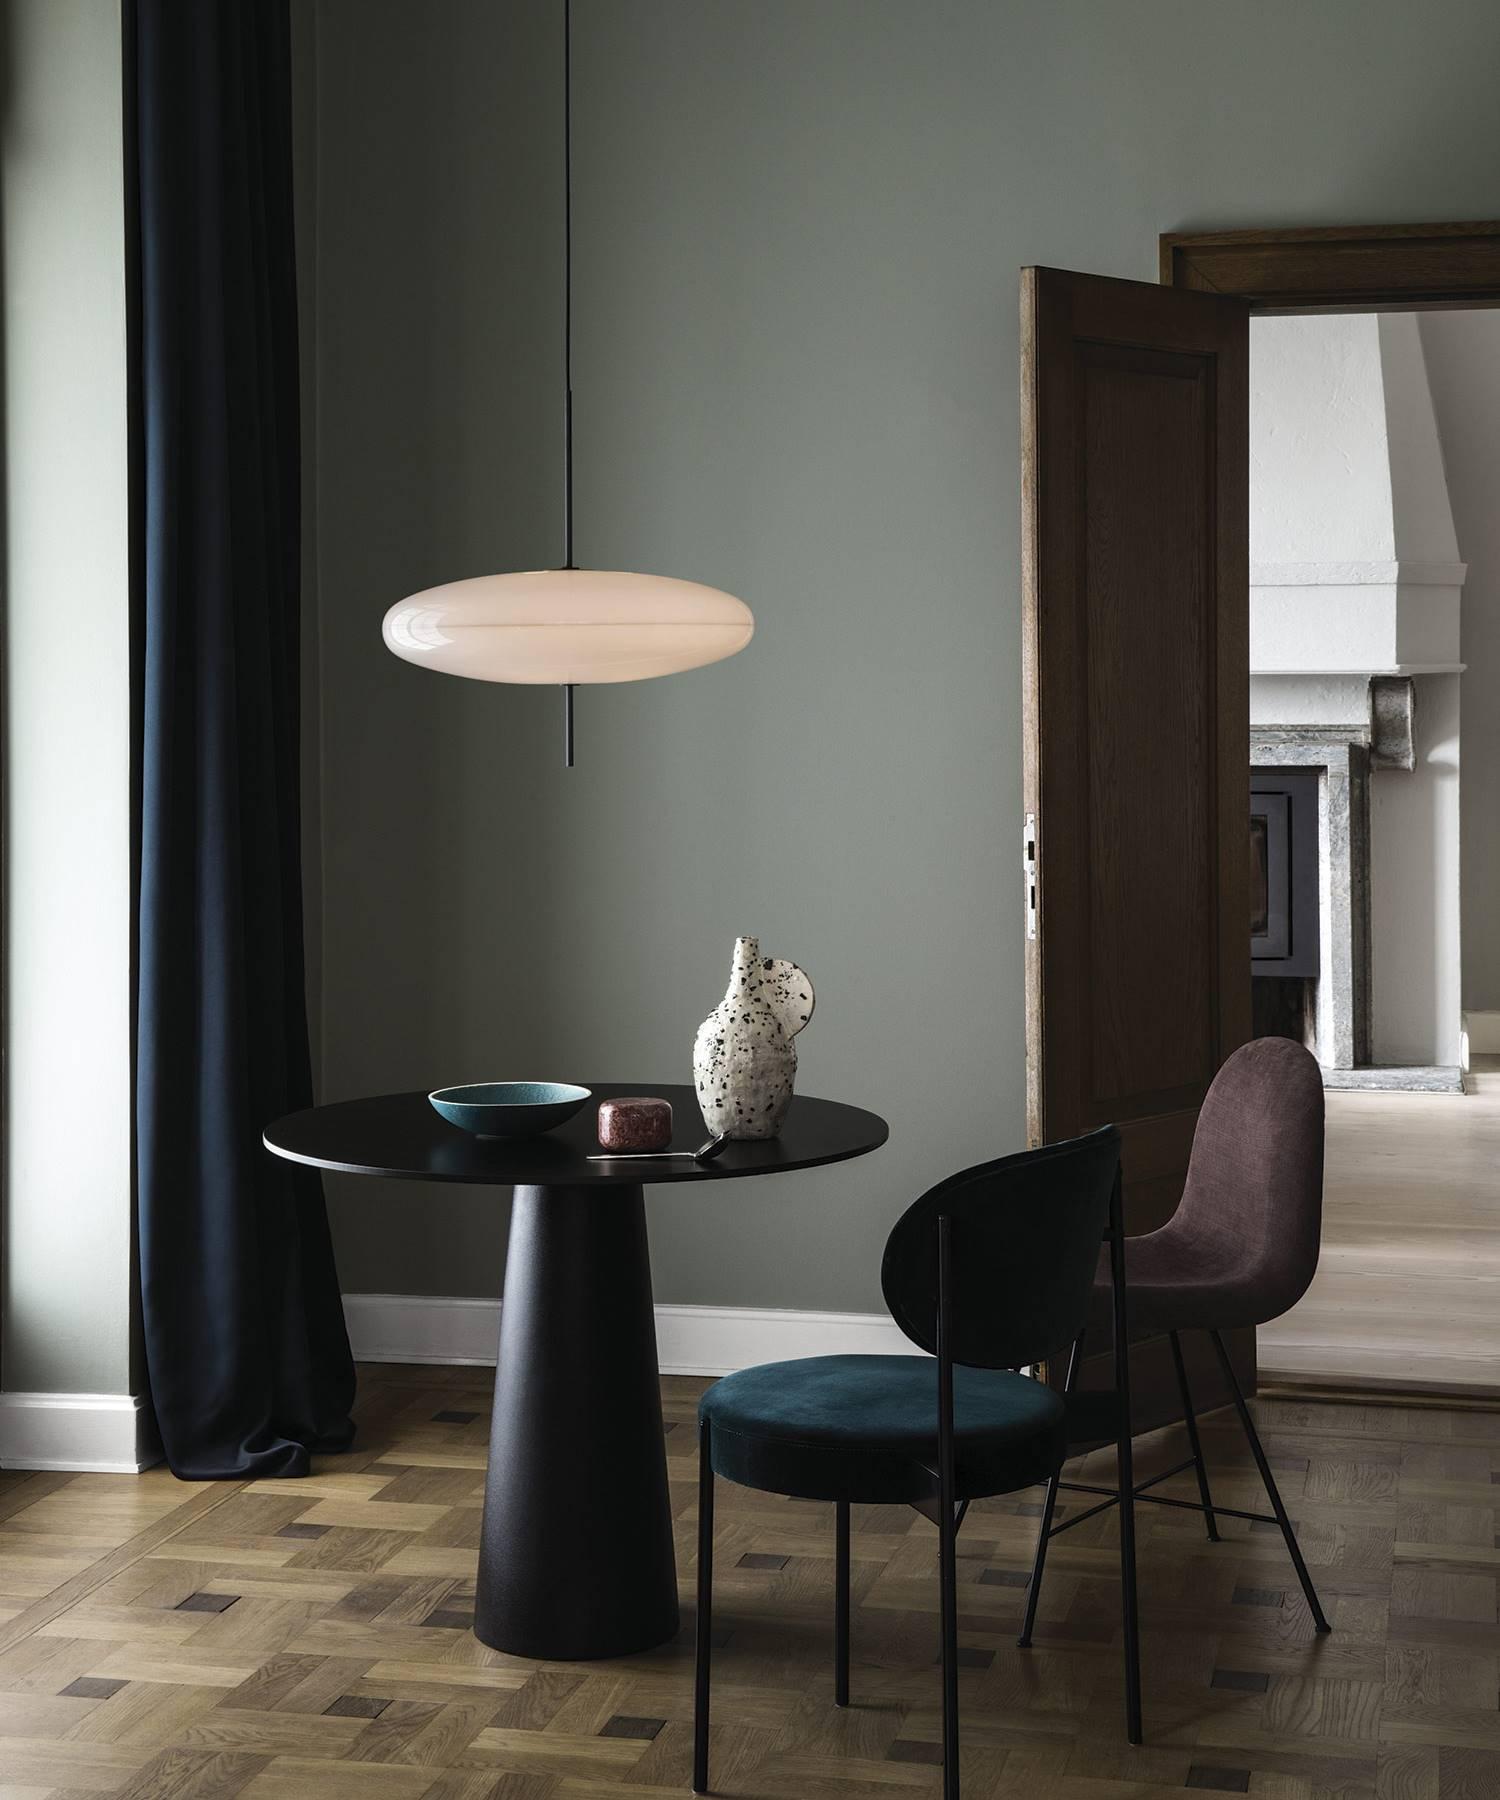 Combinación neutra de paredes y mobiliario.